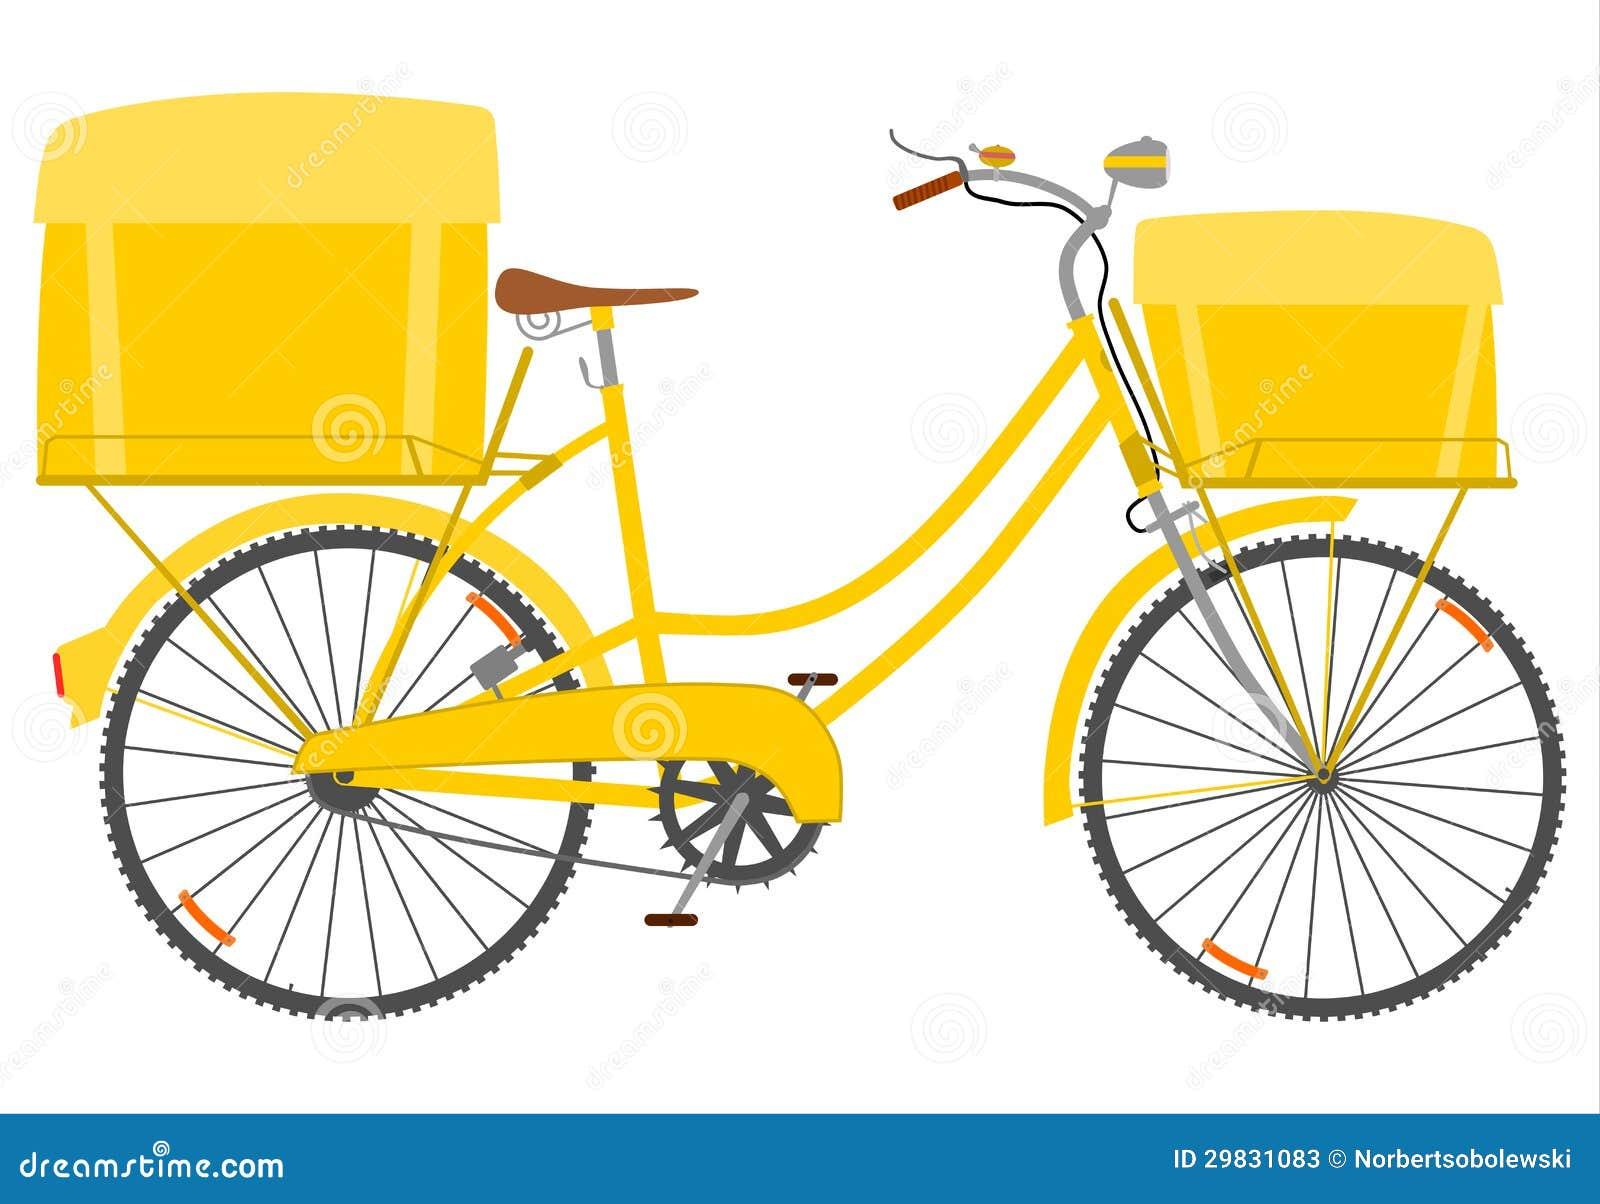 Bicicleta do correio.